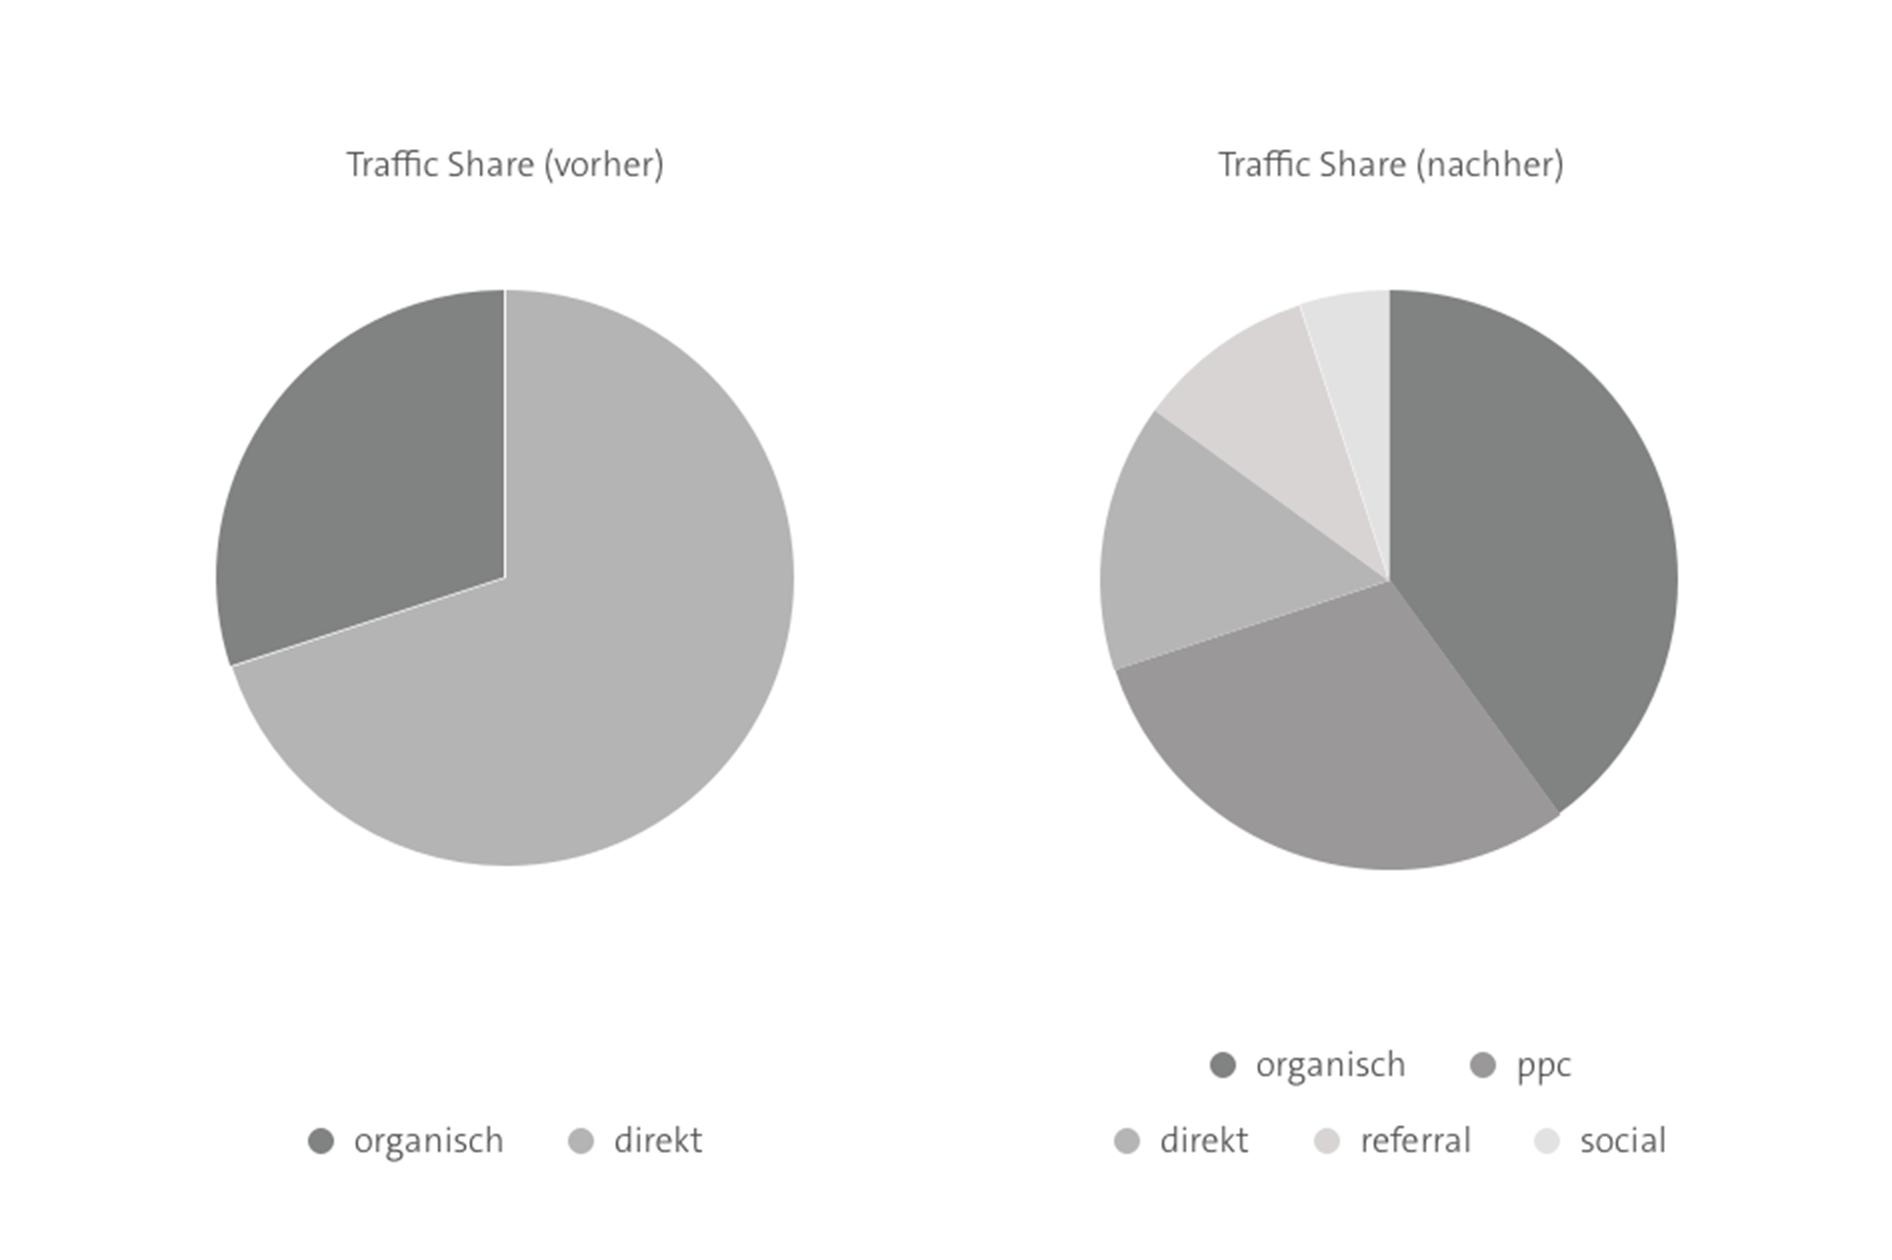 Veränderung in Traffic-Anteilen